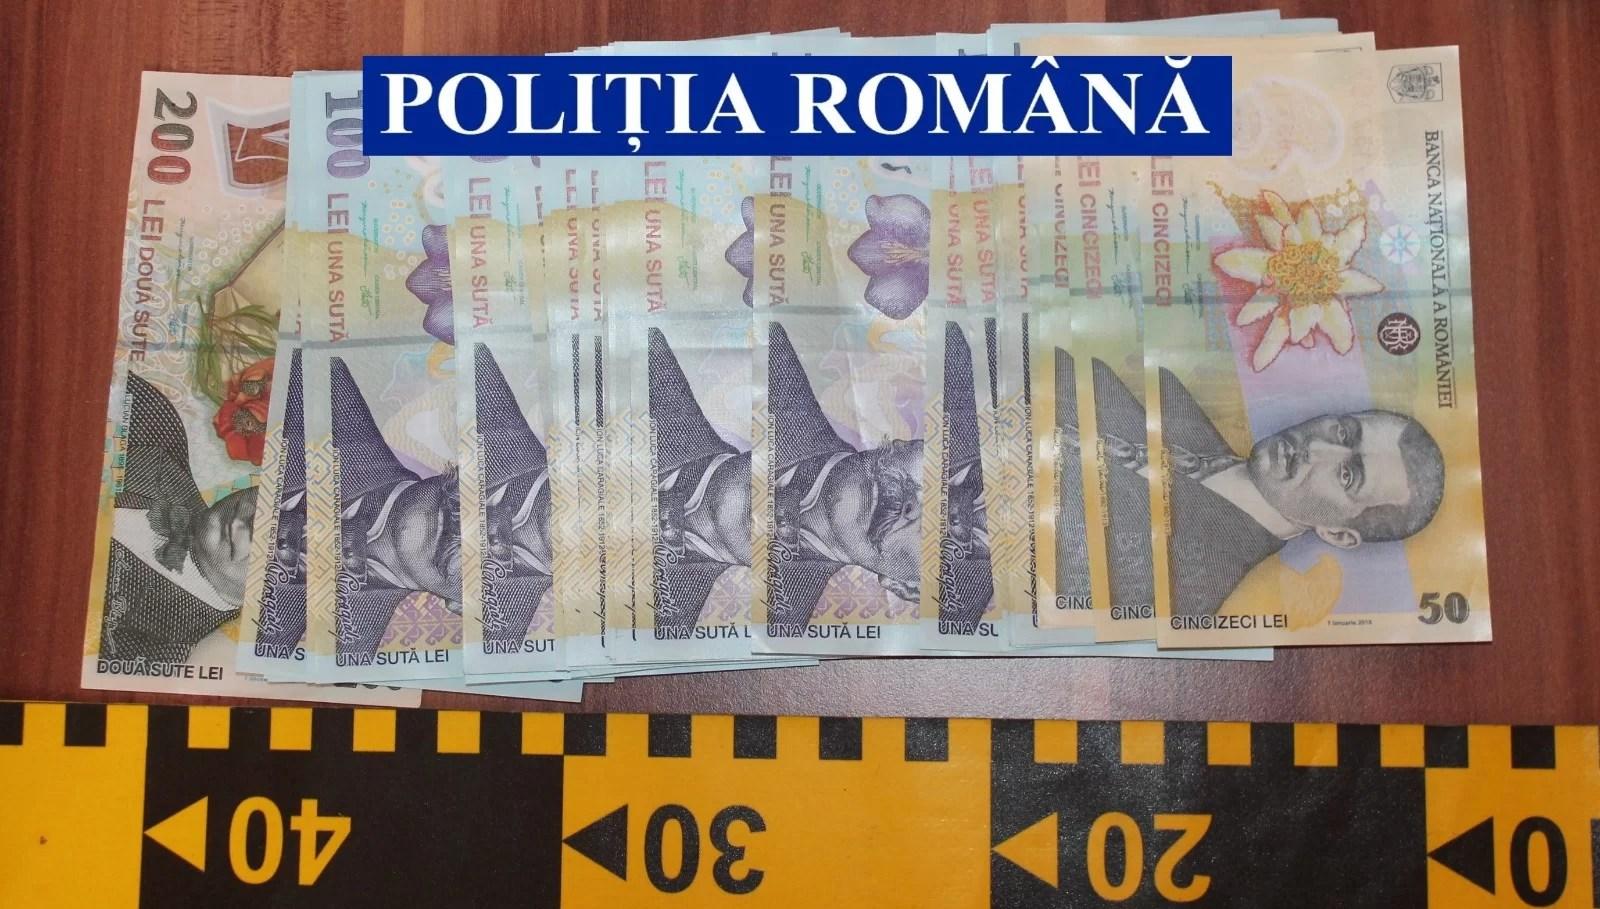 PRESUPUS CONSTRUCTOR REȚINUT DE POLIȚIȘTI DIN CÂMPINA PENTRU ÎNȘELACIUNE